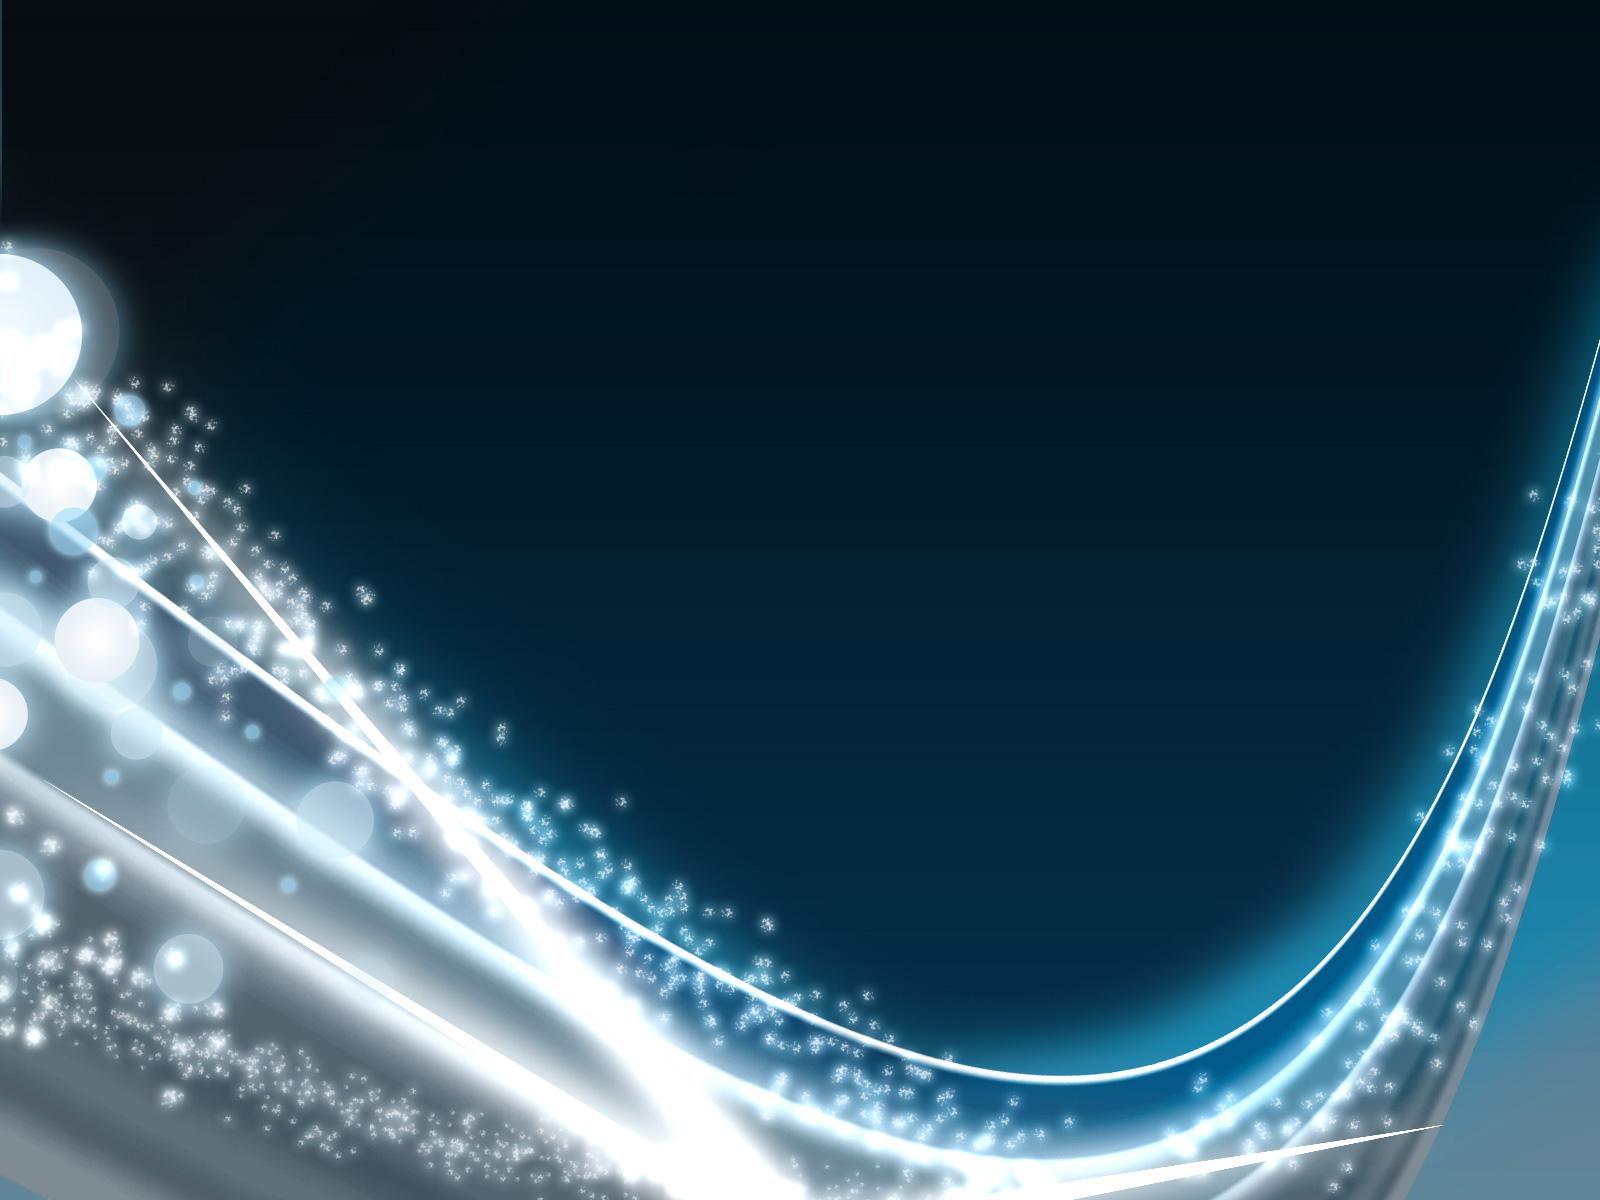 http://4.bp.blogspot.com/_2L7obR44bJw/S_umV9W_zyI/AAAAAAAAAIo/saK1k43lpBM/s1600/abstract-art-wallpaper.jpg